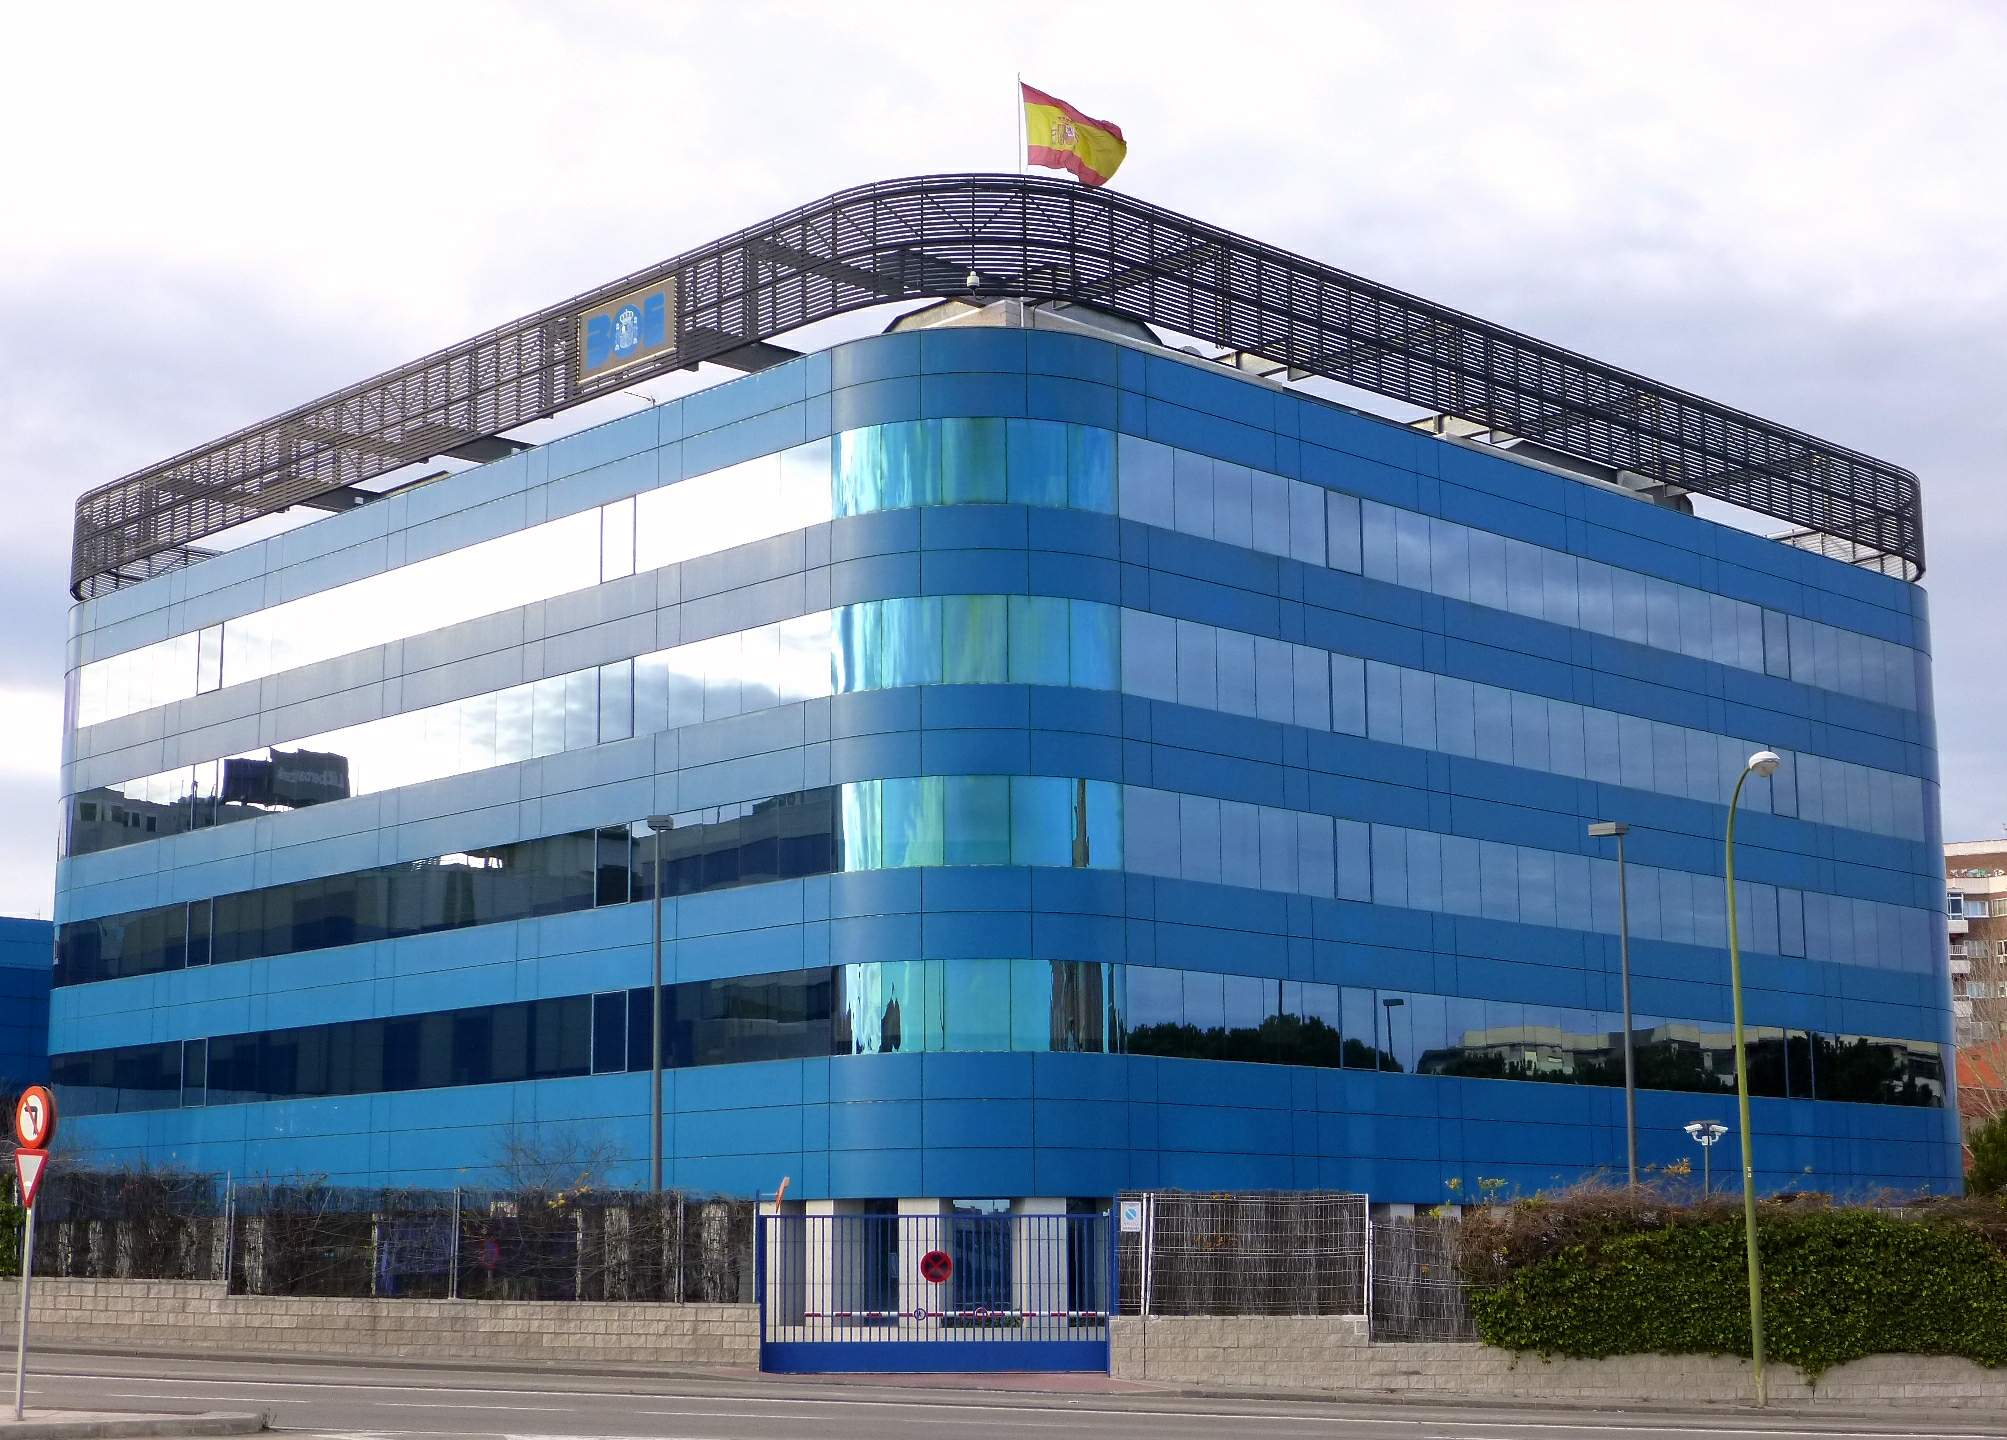 Madrid_-_Sede_del_Boletín_Oficial_del_Estado_(BOE)_1